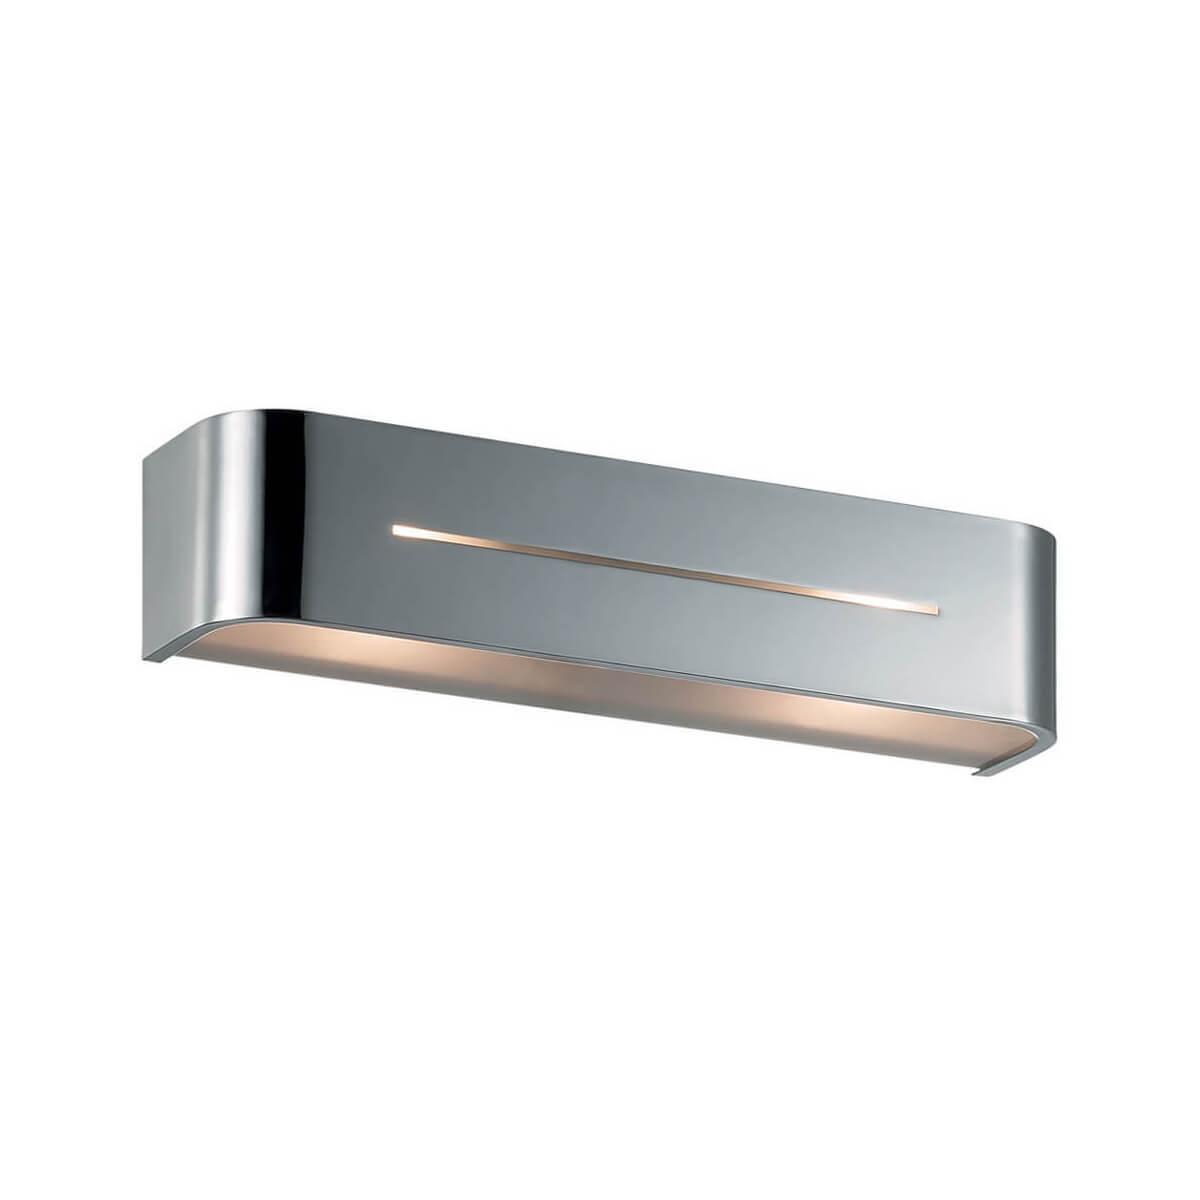 лучшая цена Настенный светильник Ideal Lux Posta AP2 Cromo